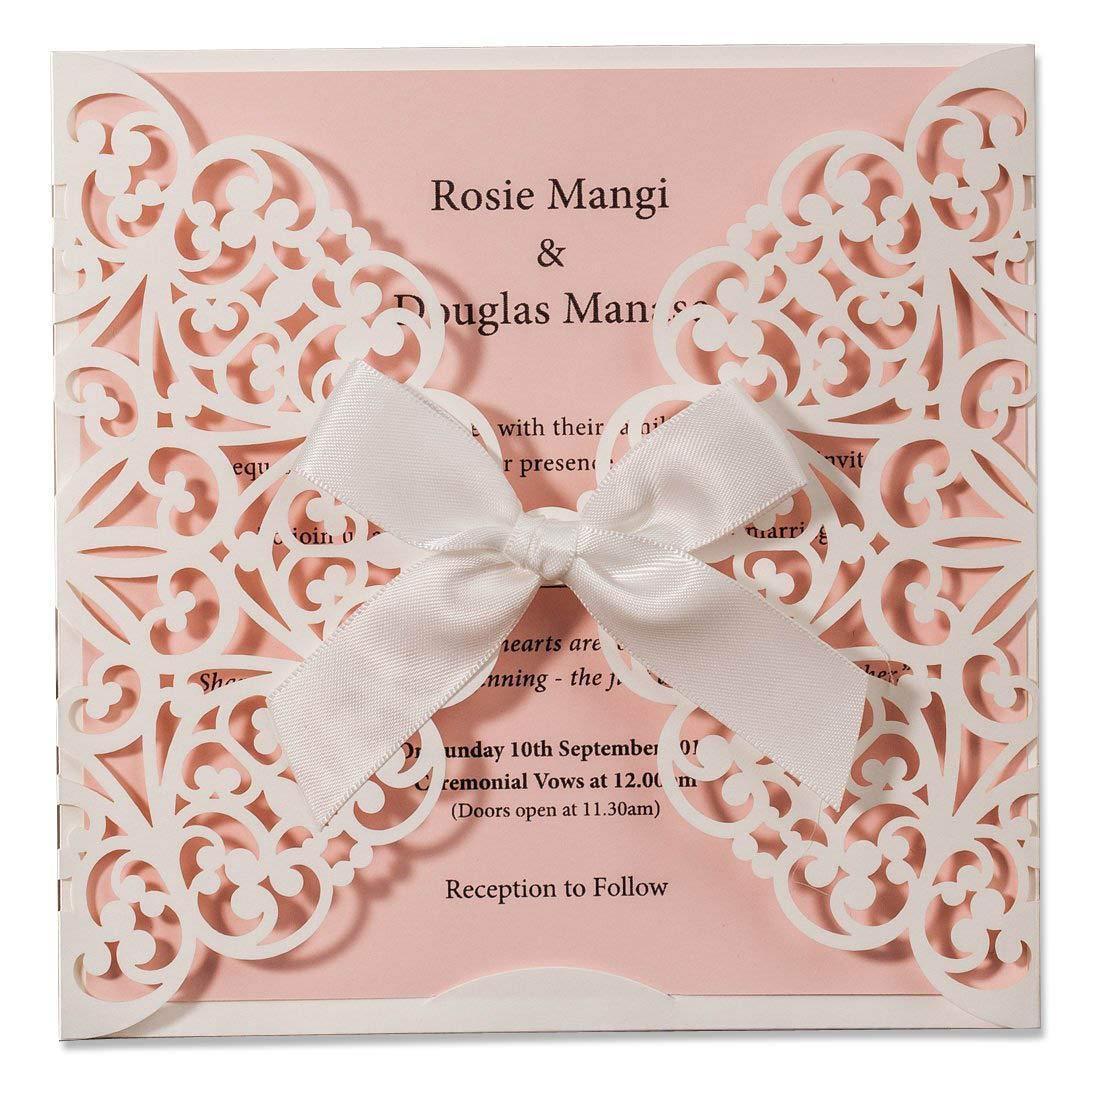 WISHMADE 20X Inviti di nozze con taglio laser Carte bianche e rosa con fiocco Manica in pizzo per fidanzamento Baby Shower Compleanno Quinceanera Set di 20 pezzi